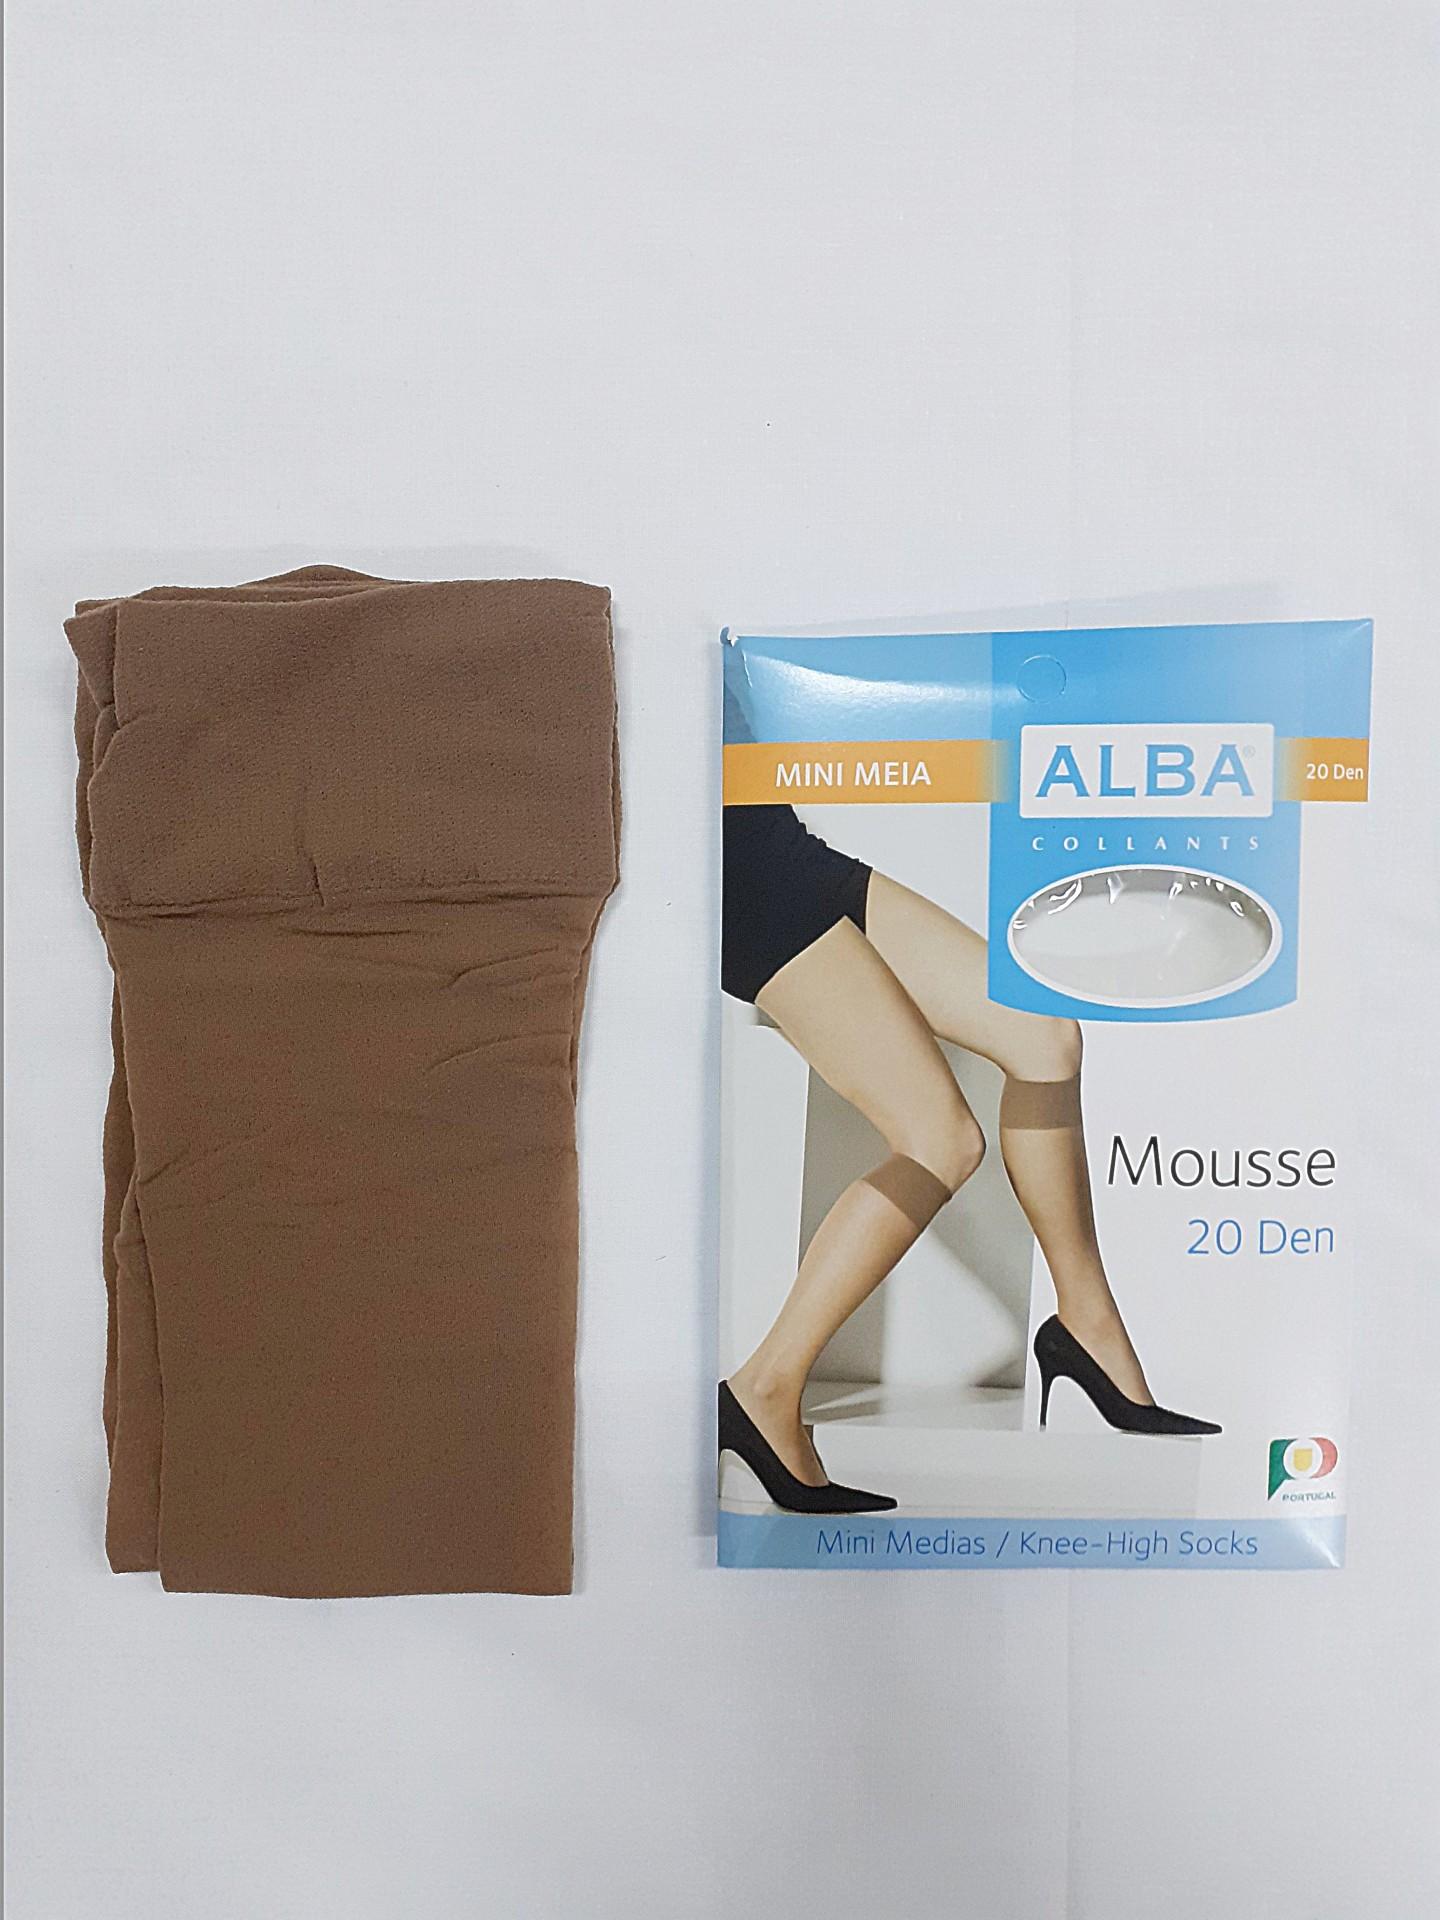 Mini Meia Mousse Alba